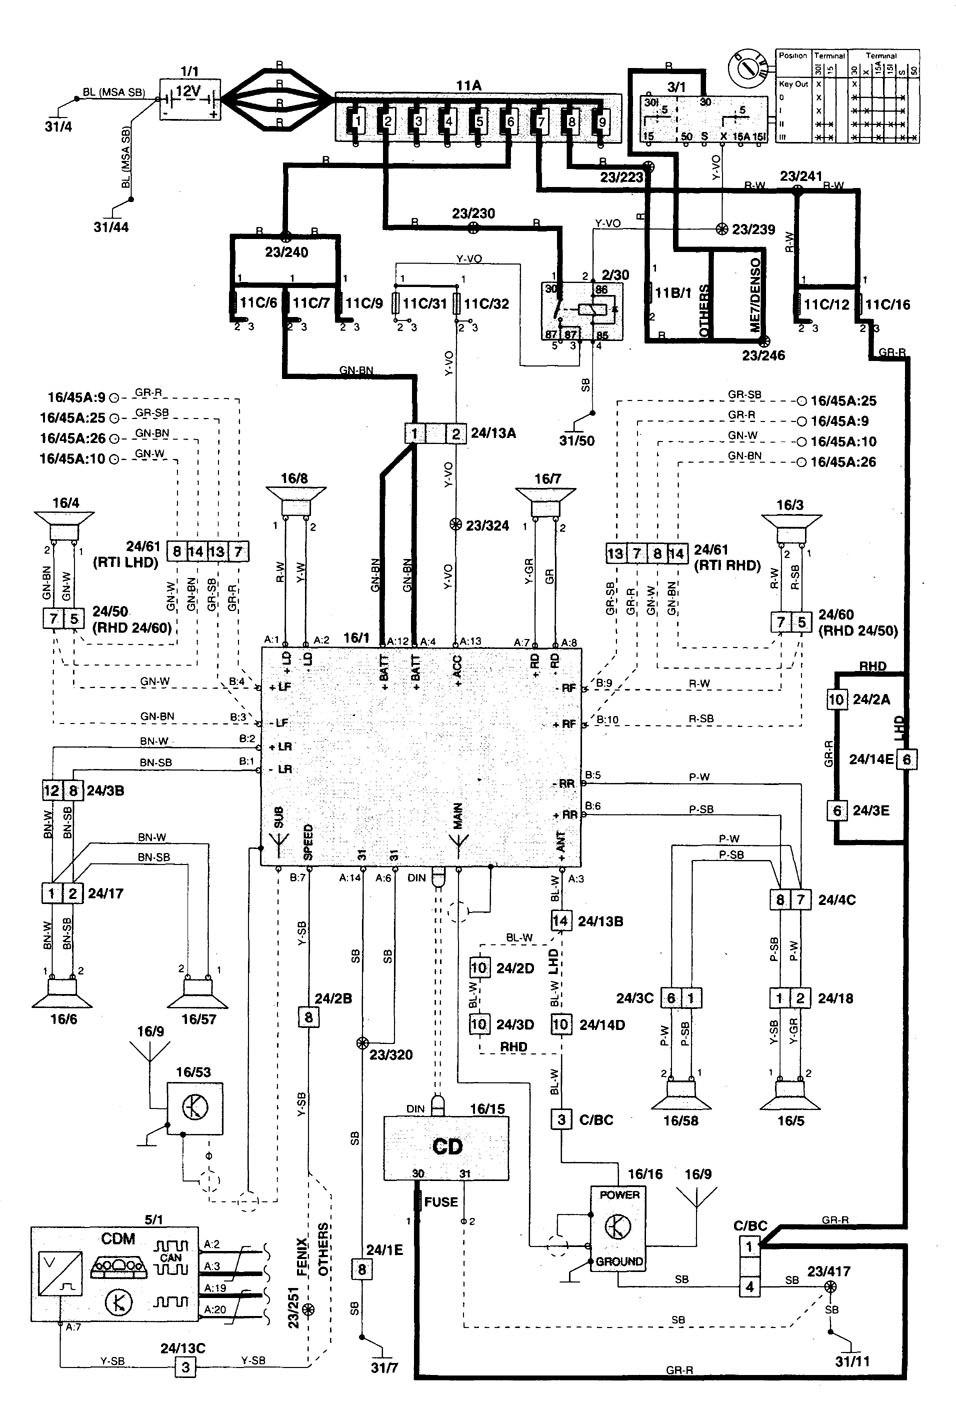 Wiring Diagram Volvo V70 1998 - And Wiring Diagram bear-runner -  bear-runner.ristorantebotticella.itHello!